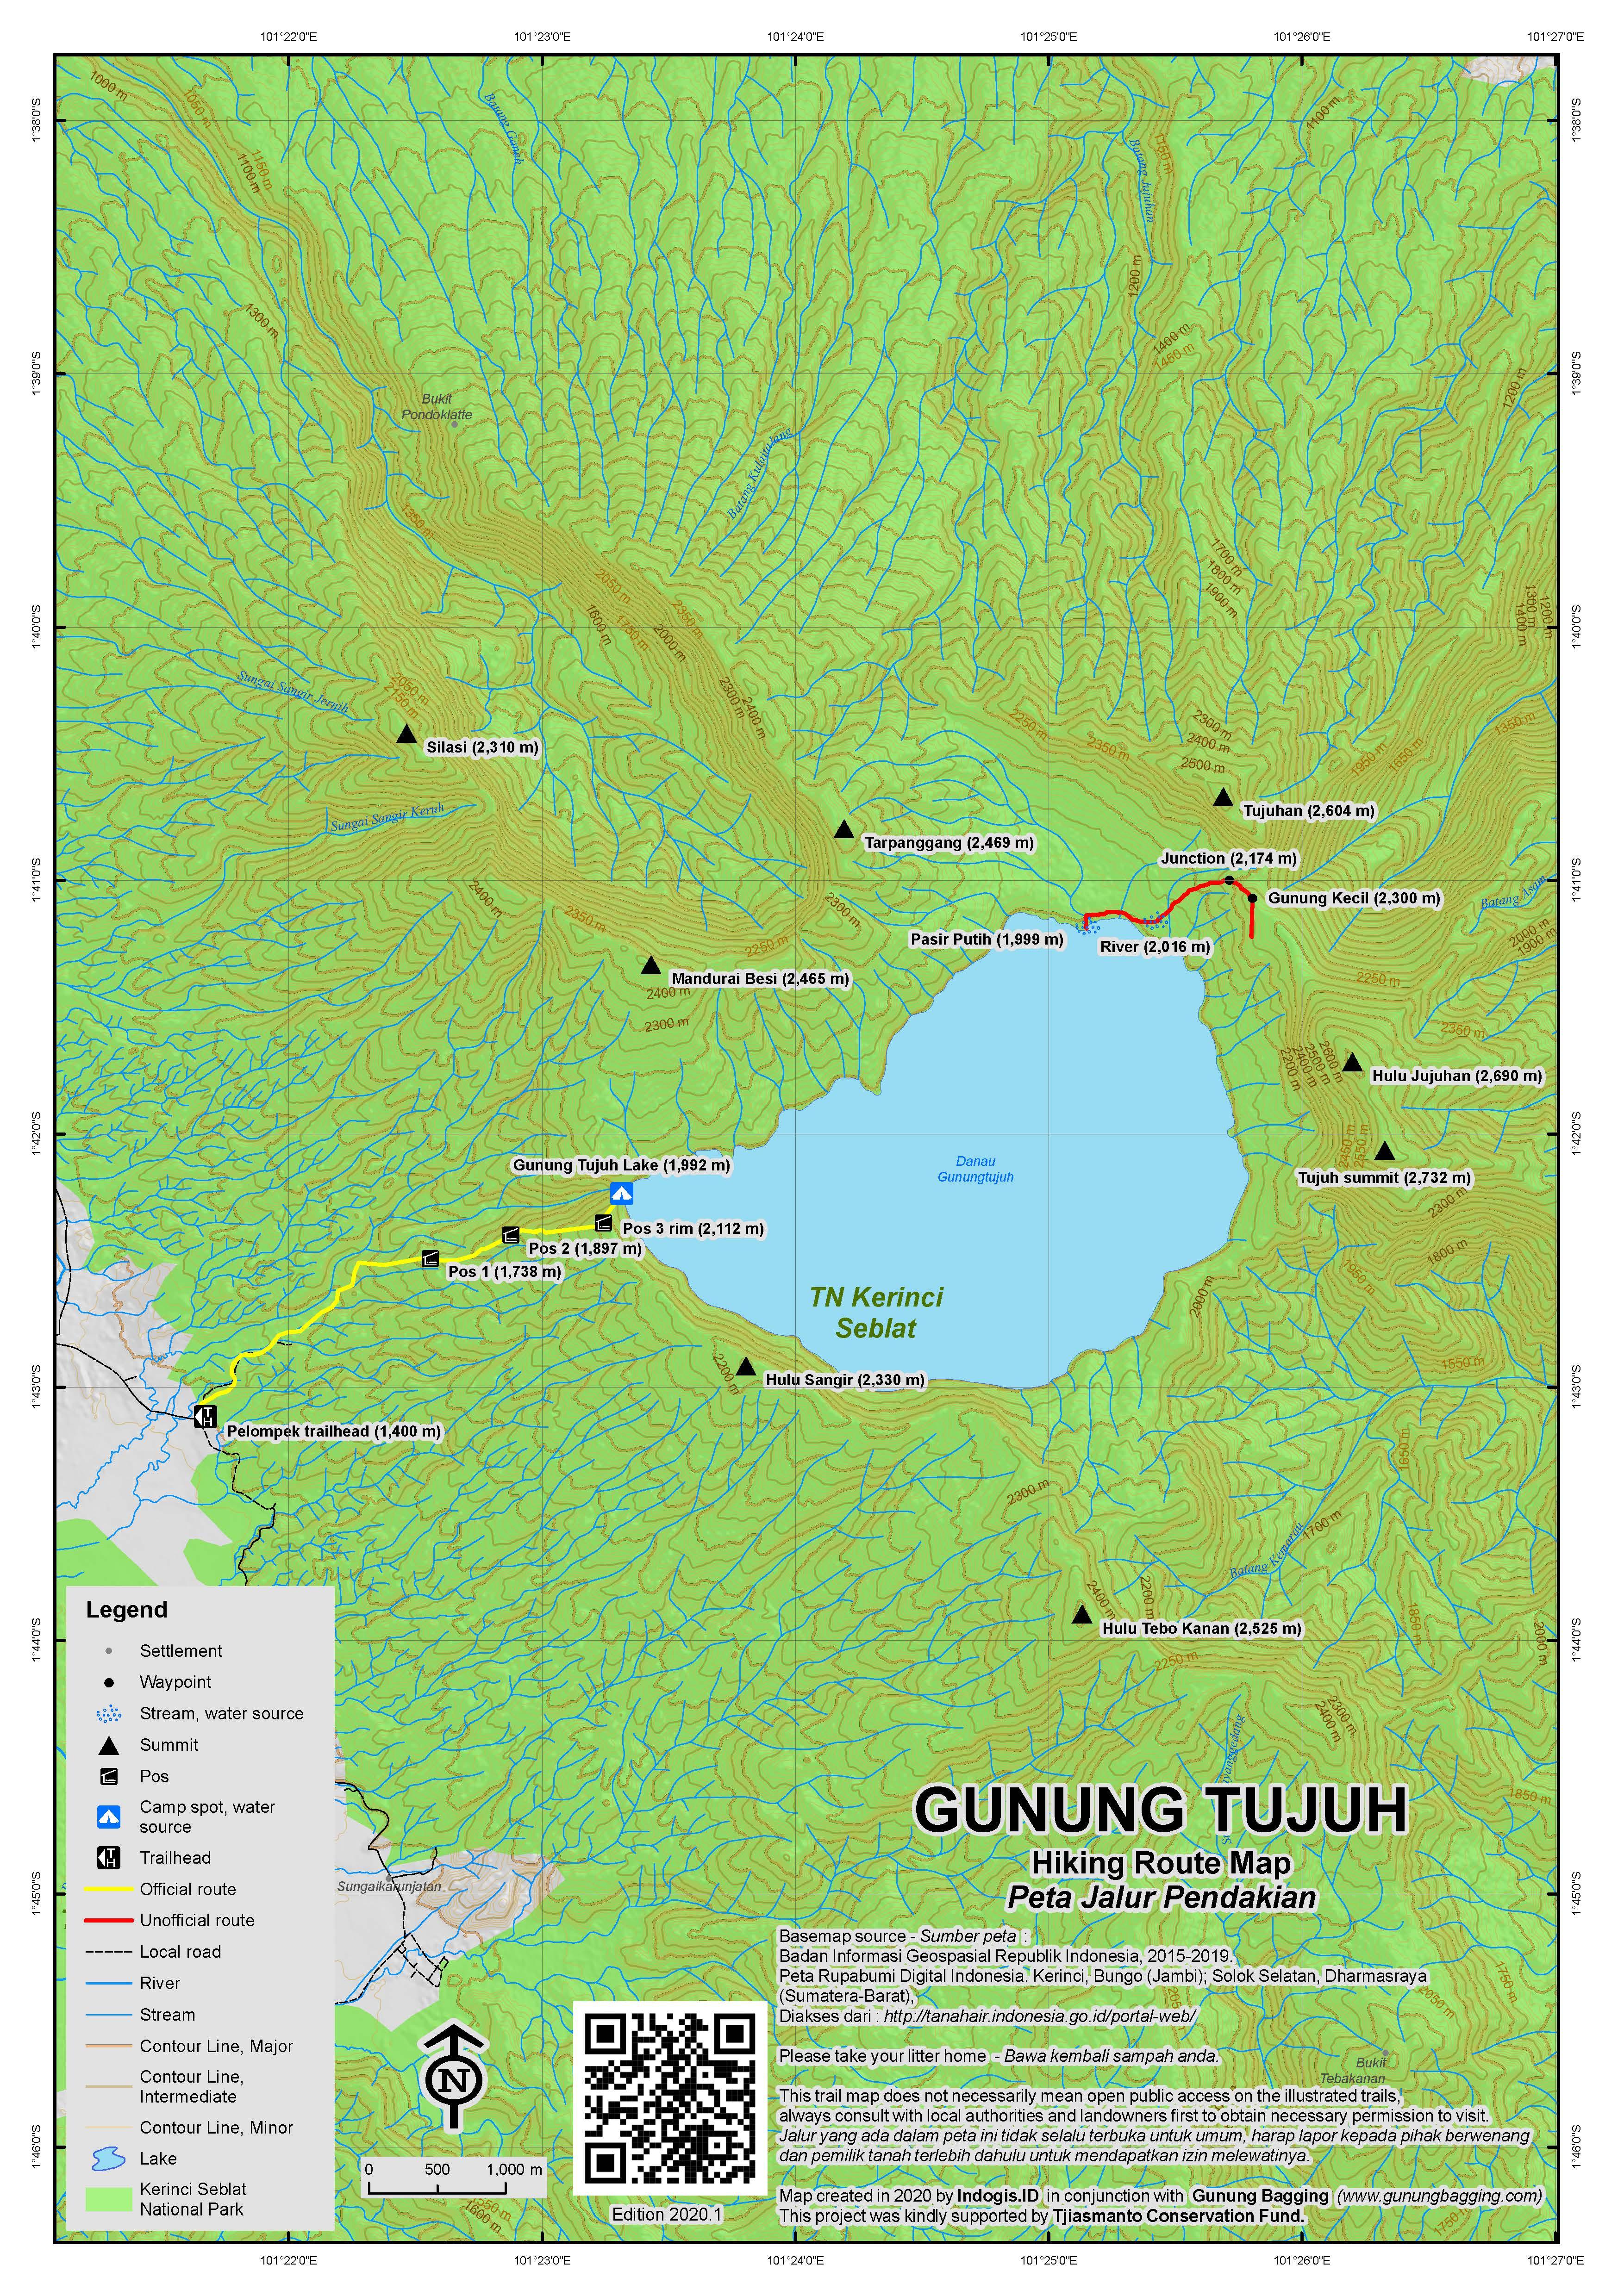 Peta Jalur Pendakian Gunung Tujuh